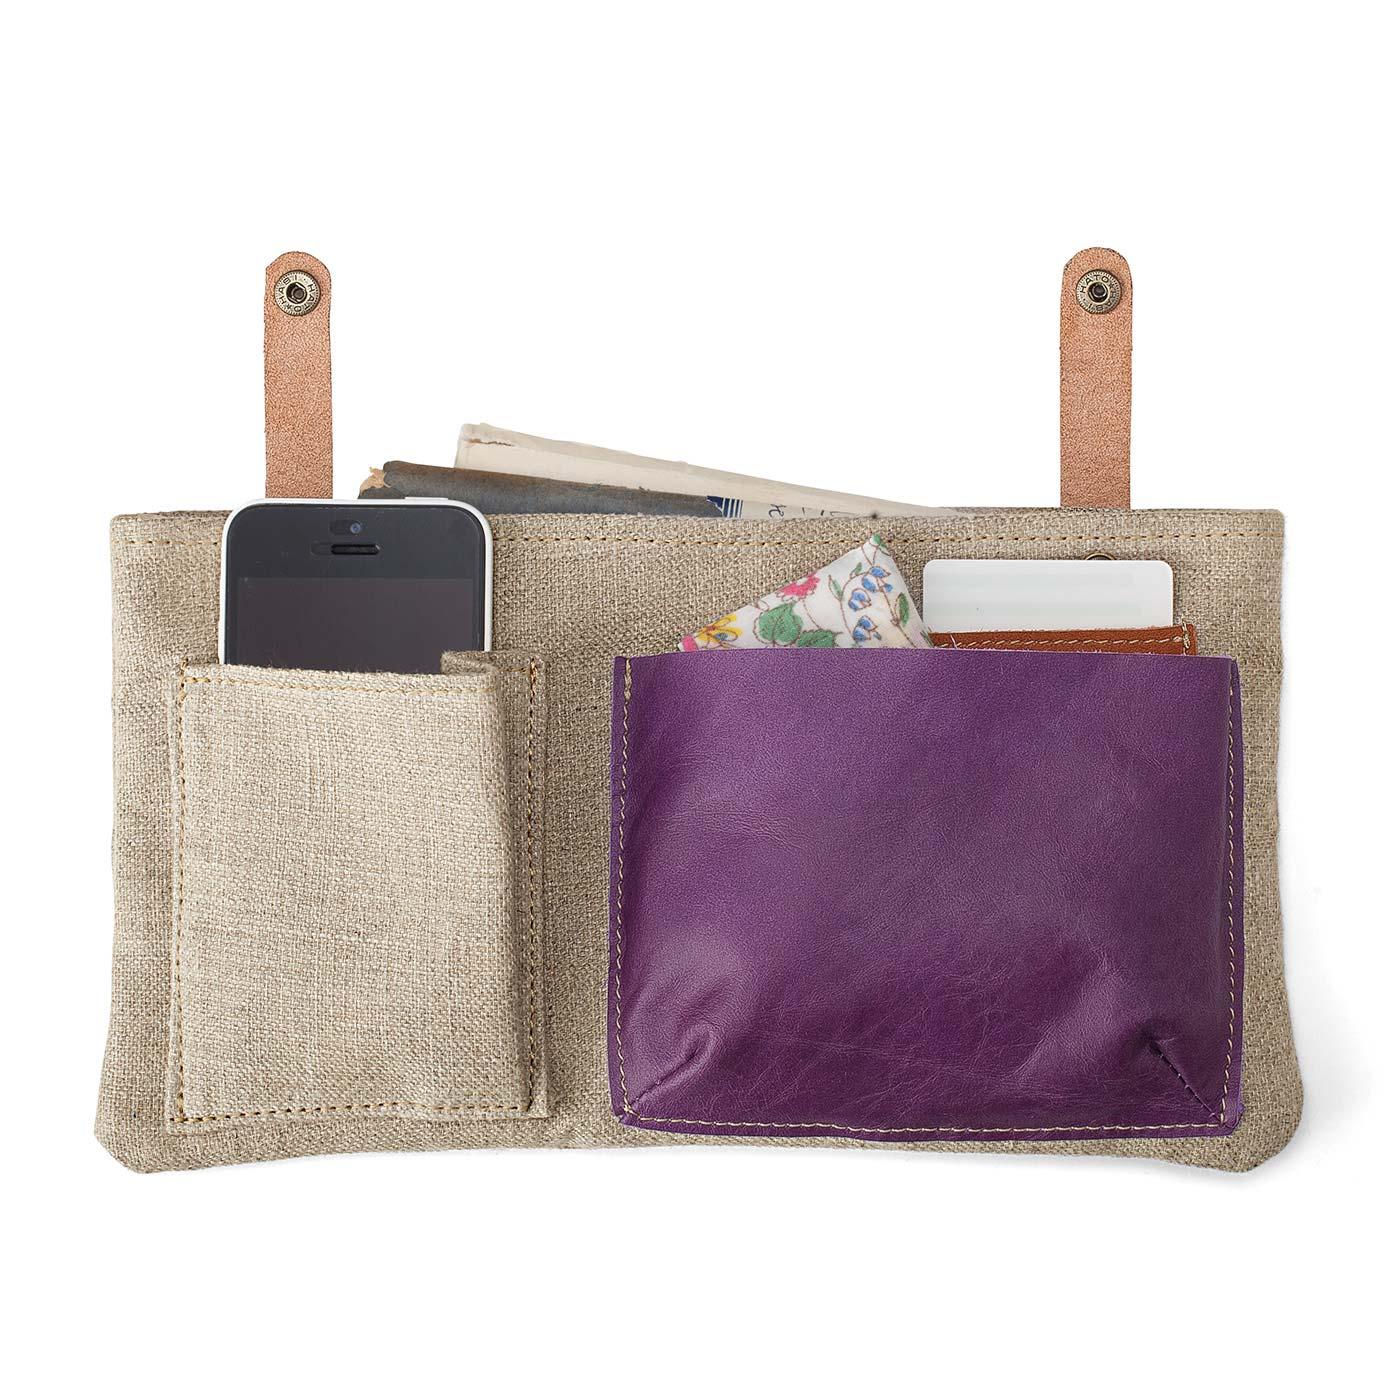 インナーポケットは取り外し可能だから、ほかのバッグへの付け替えもスムーズ。